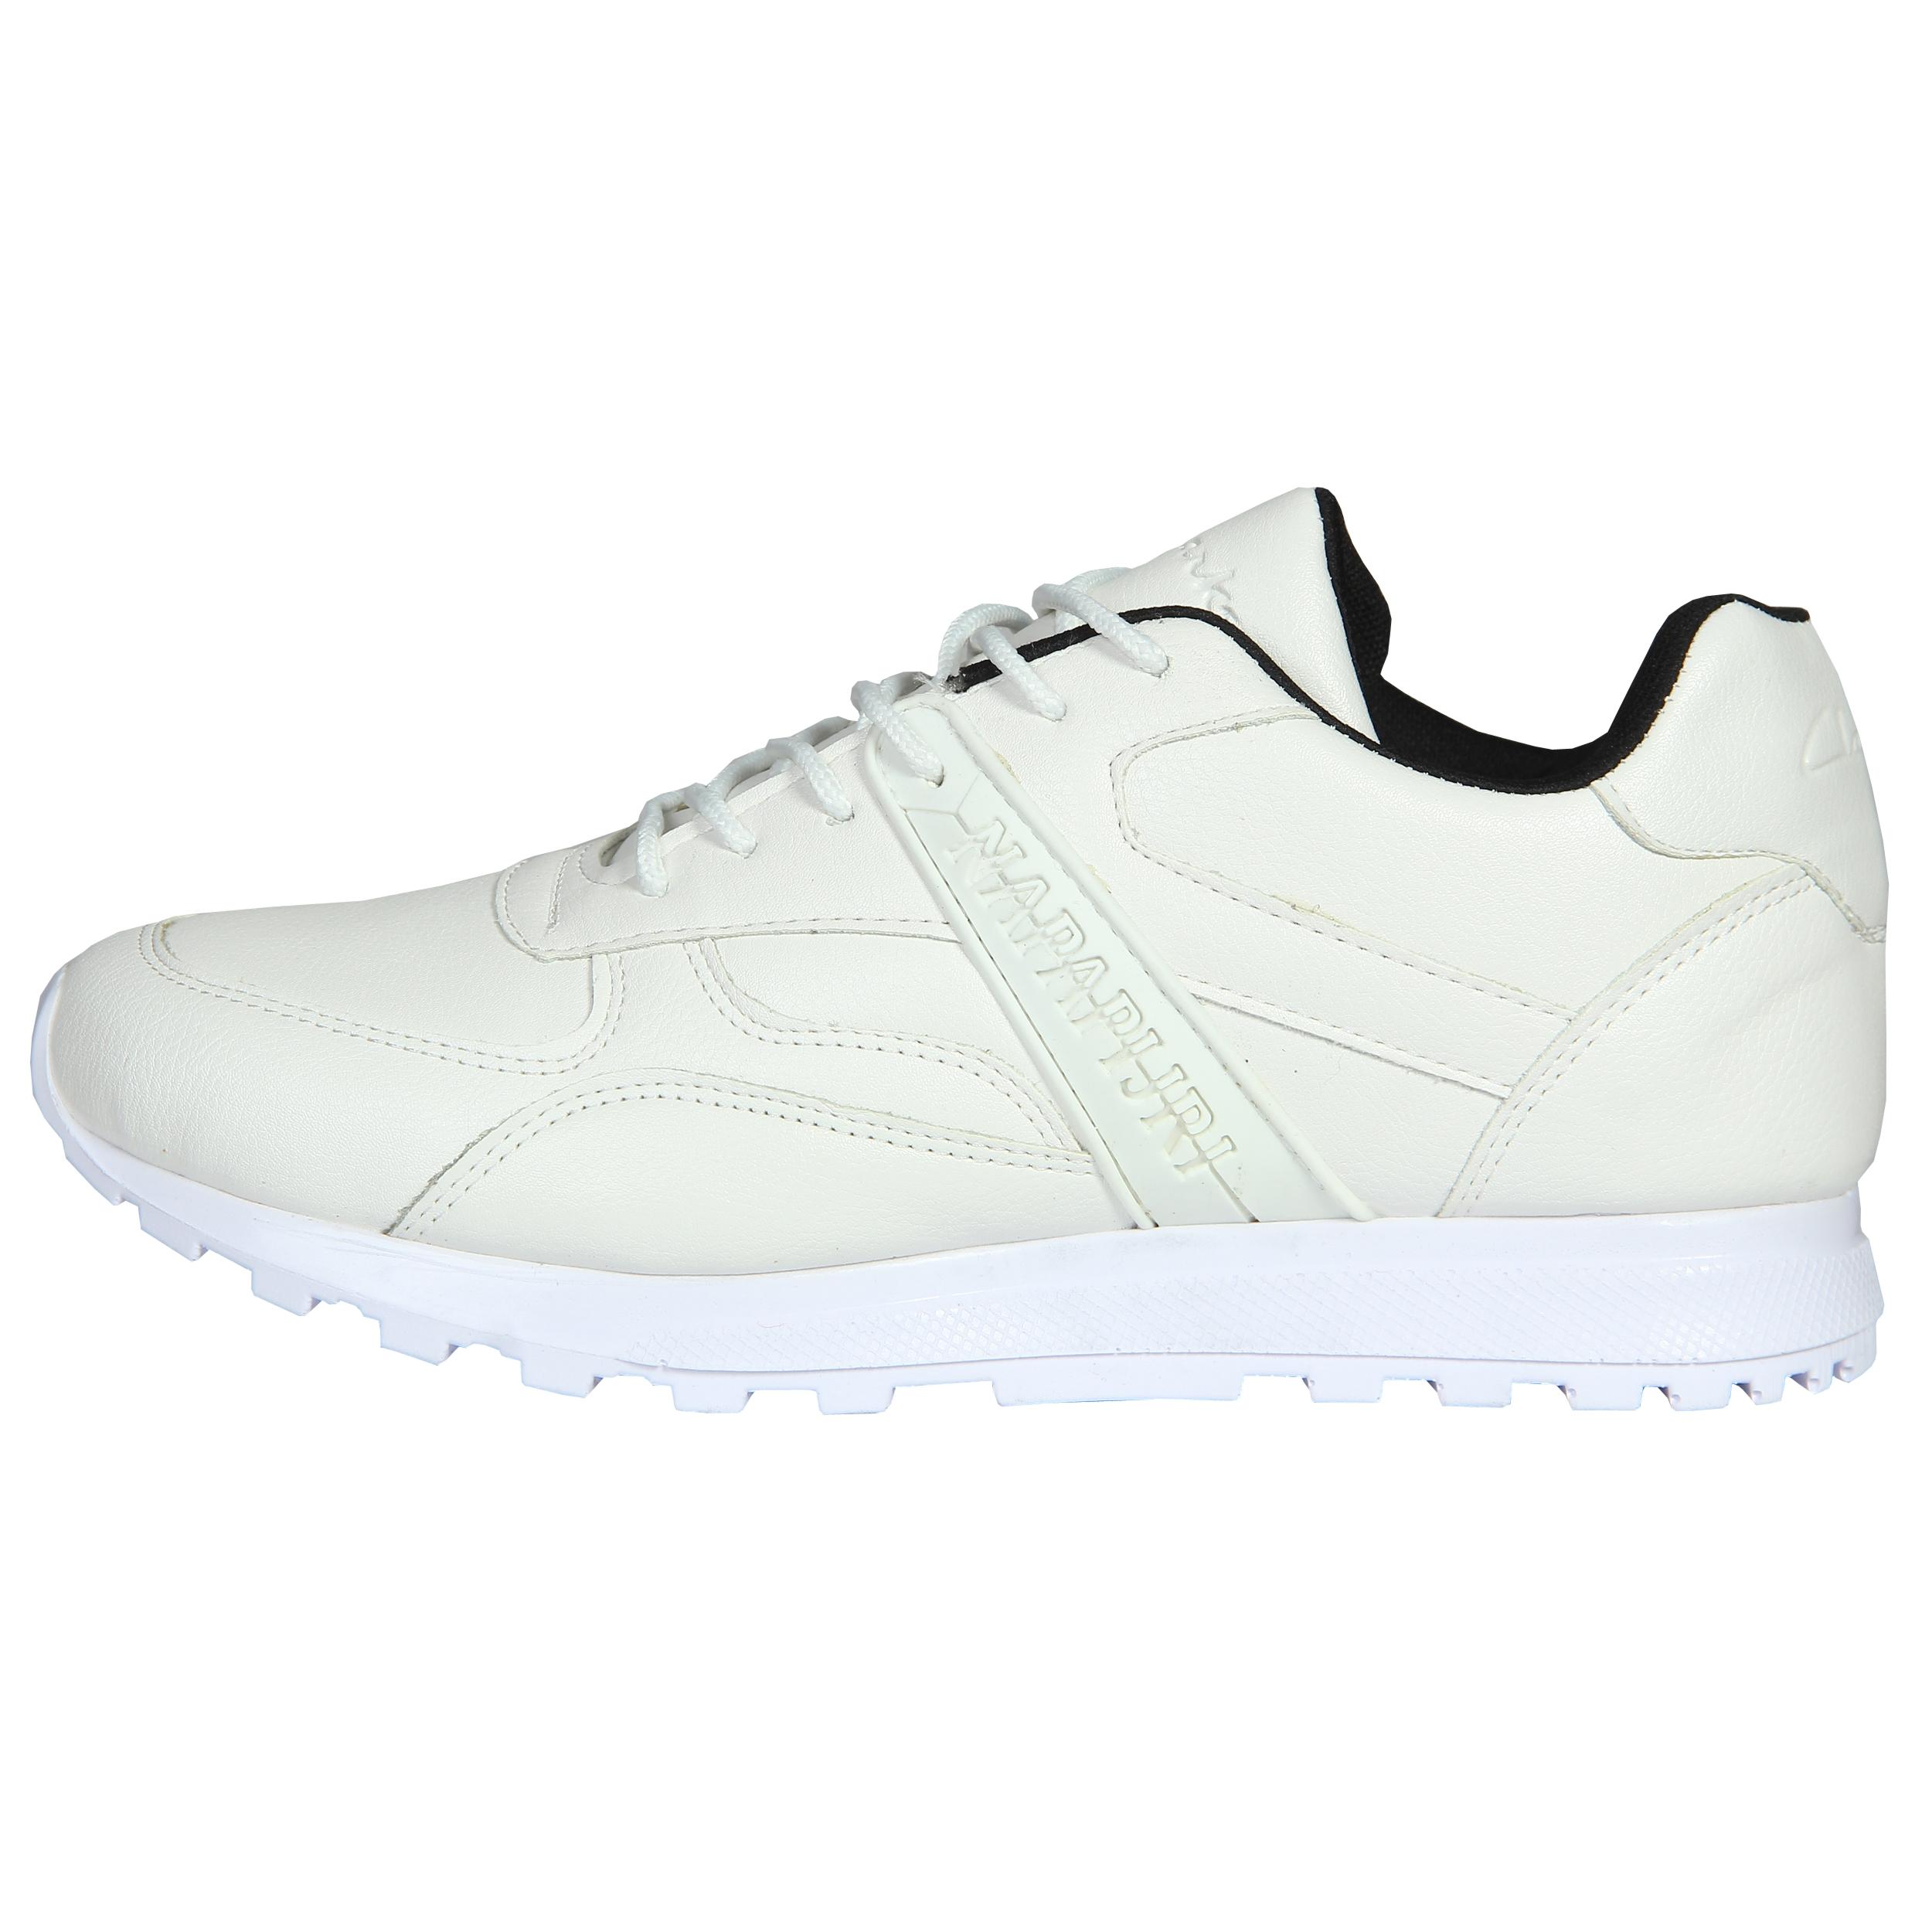 کفش پیاده روی مردانه مدل دلپا کد 606005